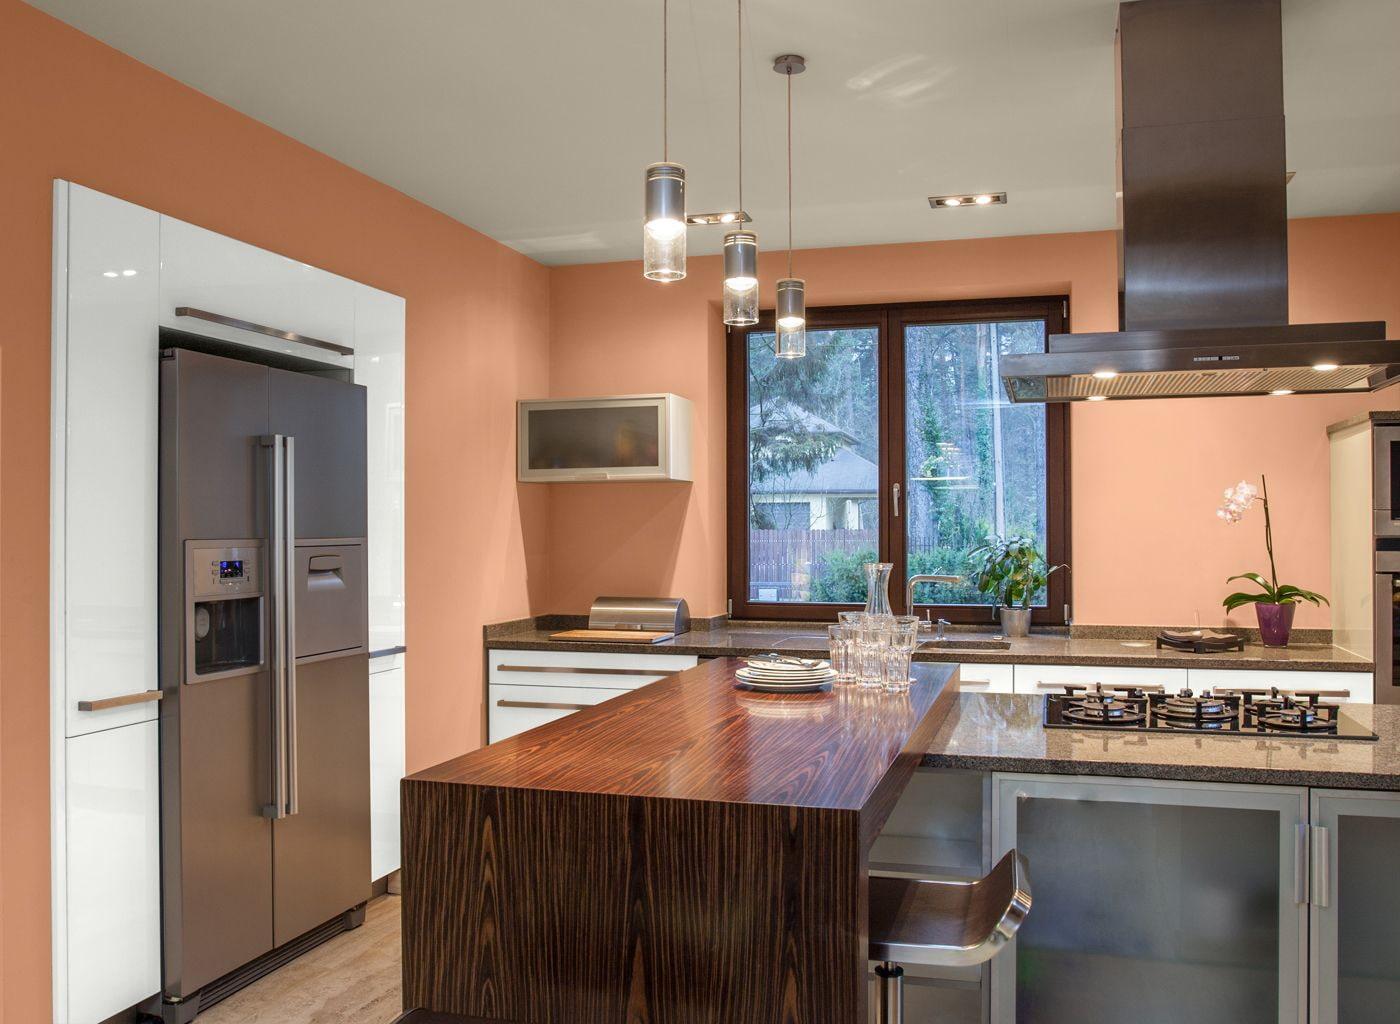 Коричневая кухня в интерьере - 65 фото и 7 дизайн-секретов